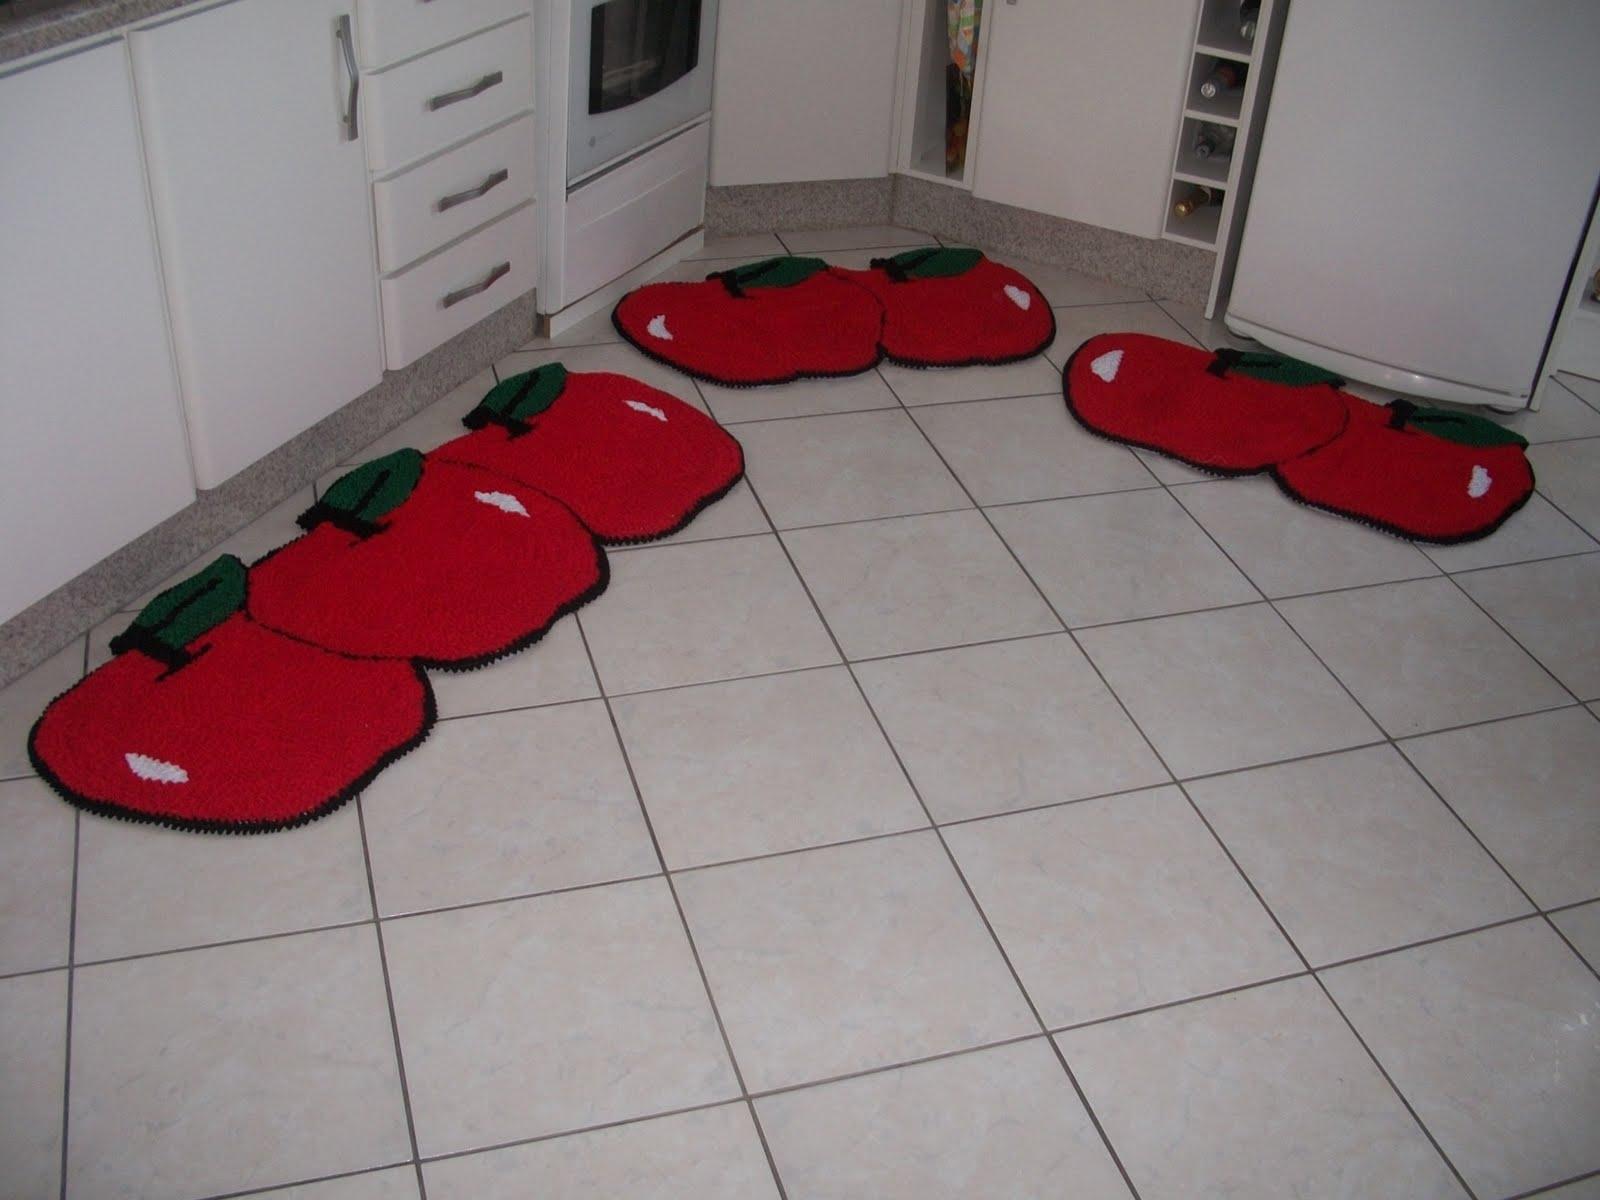 Tapetes decorados: Tapete para cozinha formato de maça